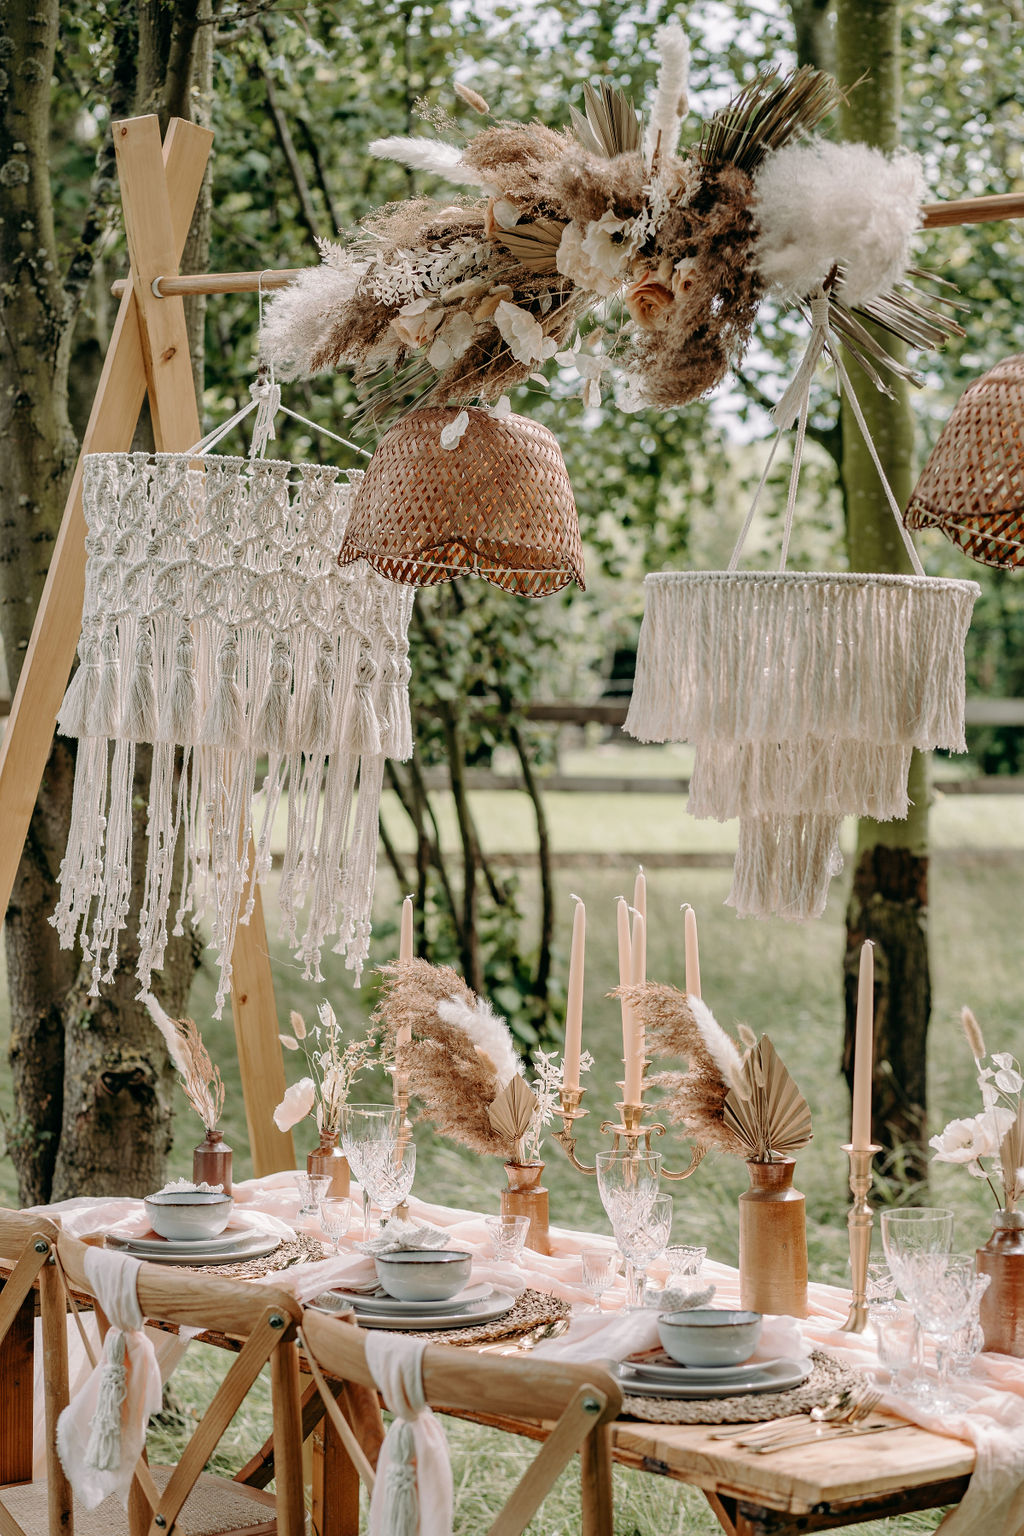 sustainable boho wedding - bohemian wedding styling - boho wedding decor - outdoor elopement styling - Unconventional Wedding - alternative wedding